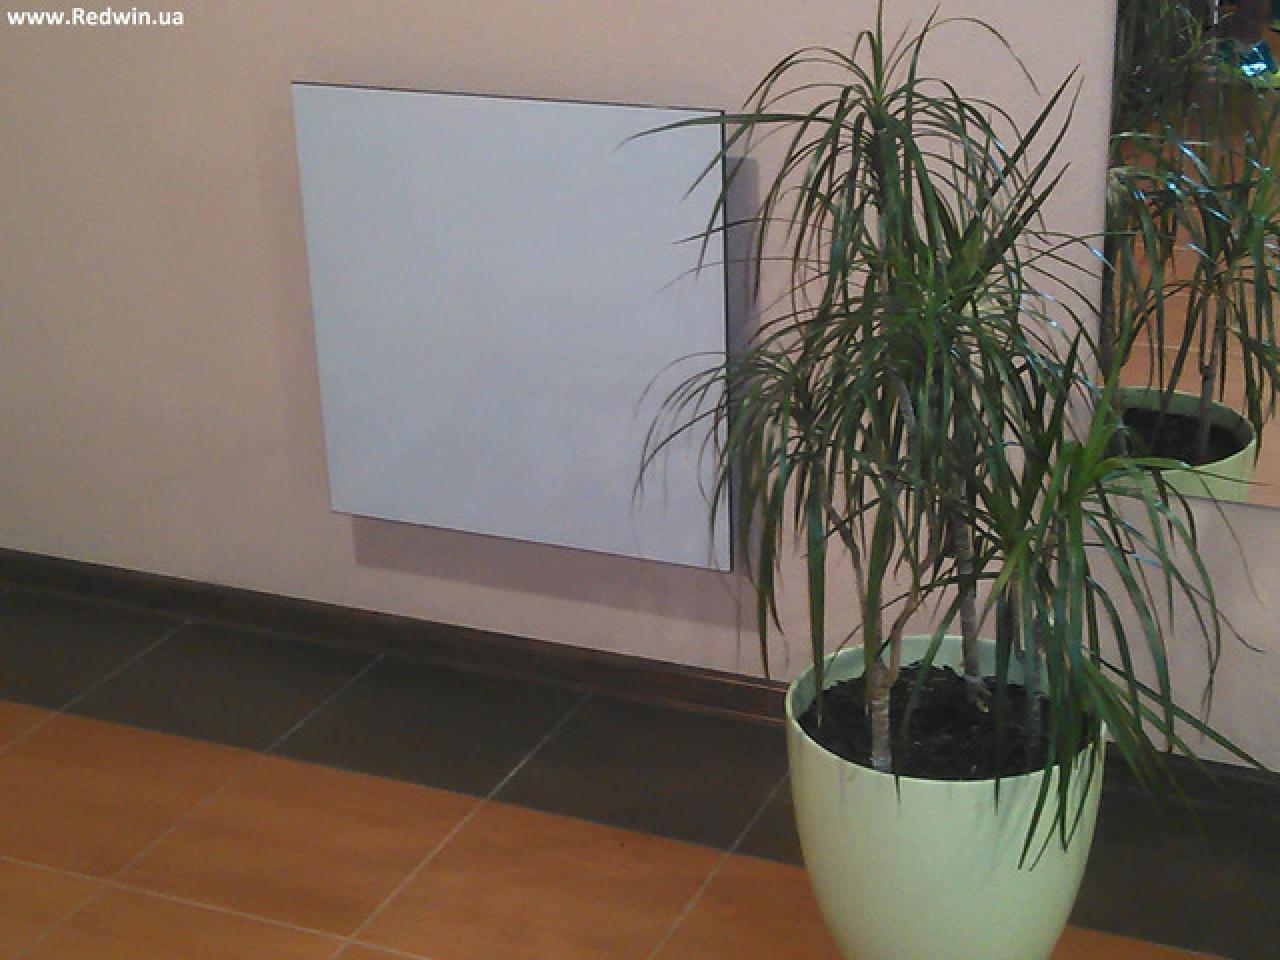 Керамические инфракрасные панели отопления. Мощность 375 Вт - 1